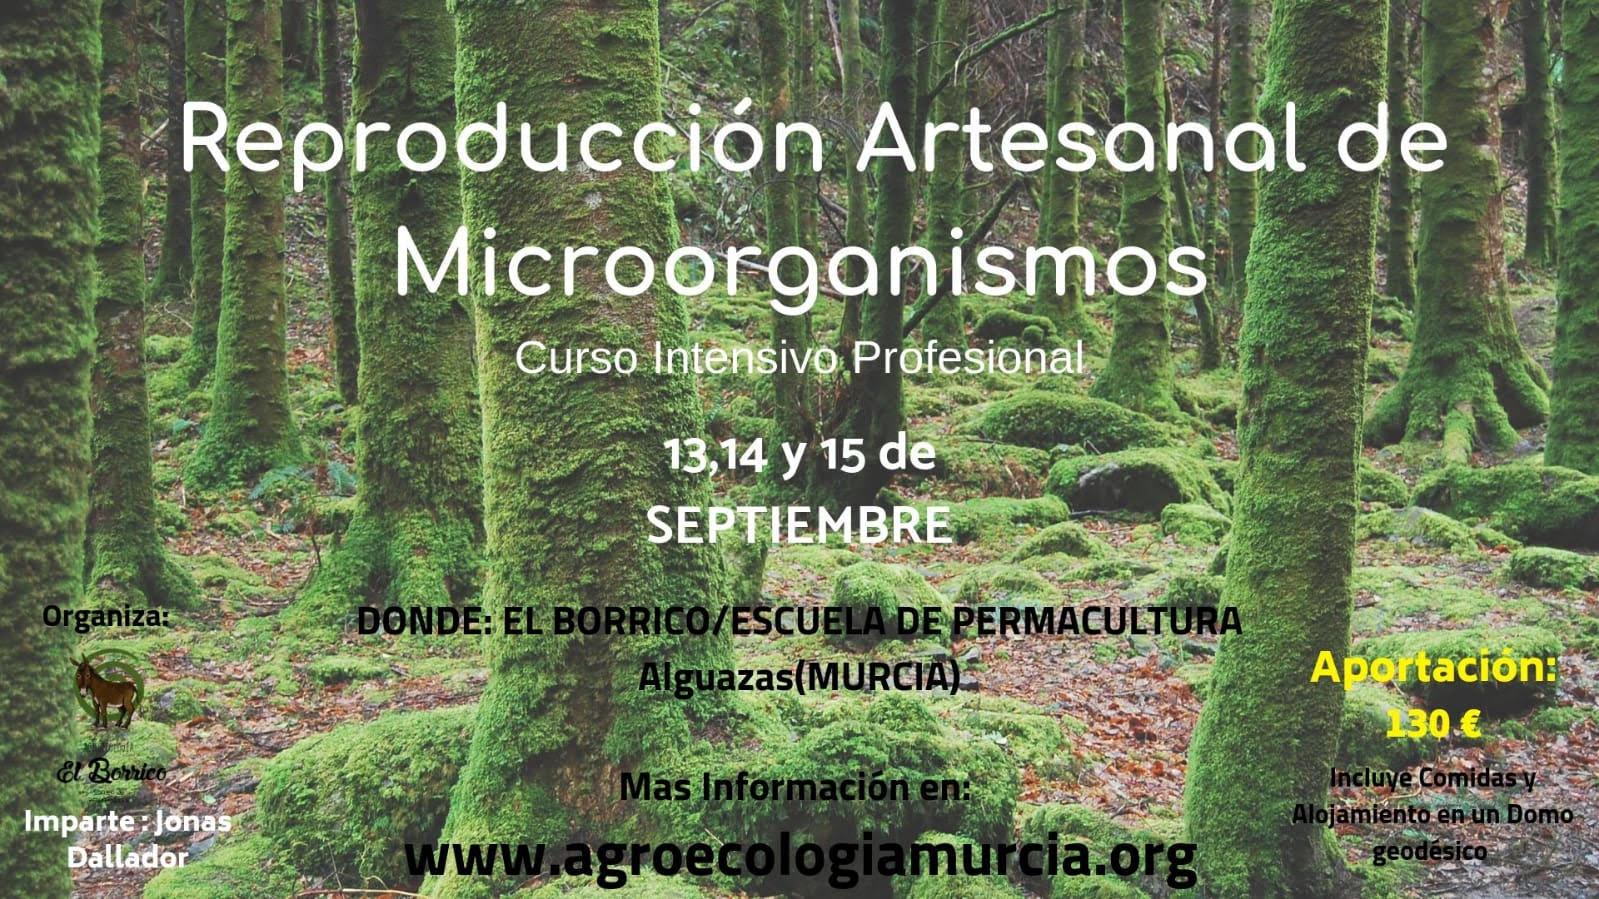 Reproducción artesanal de microorganismos, con El Borrico